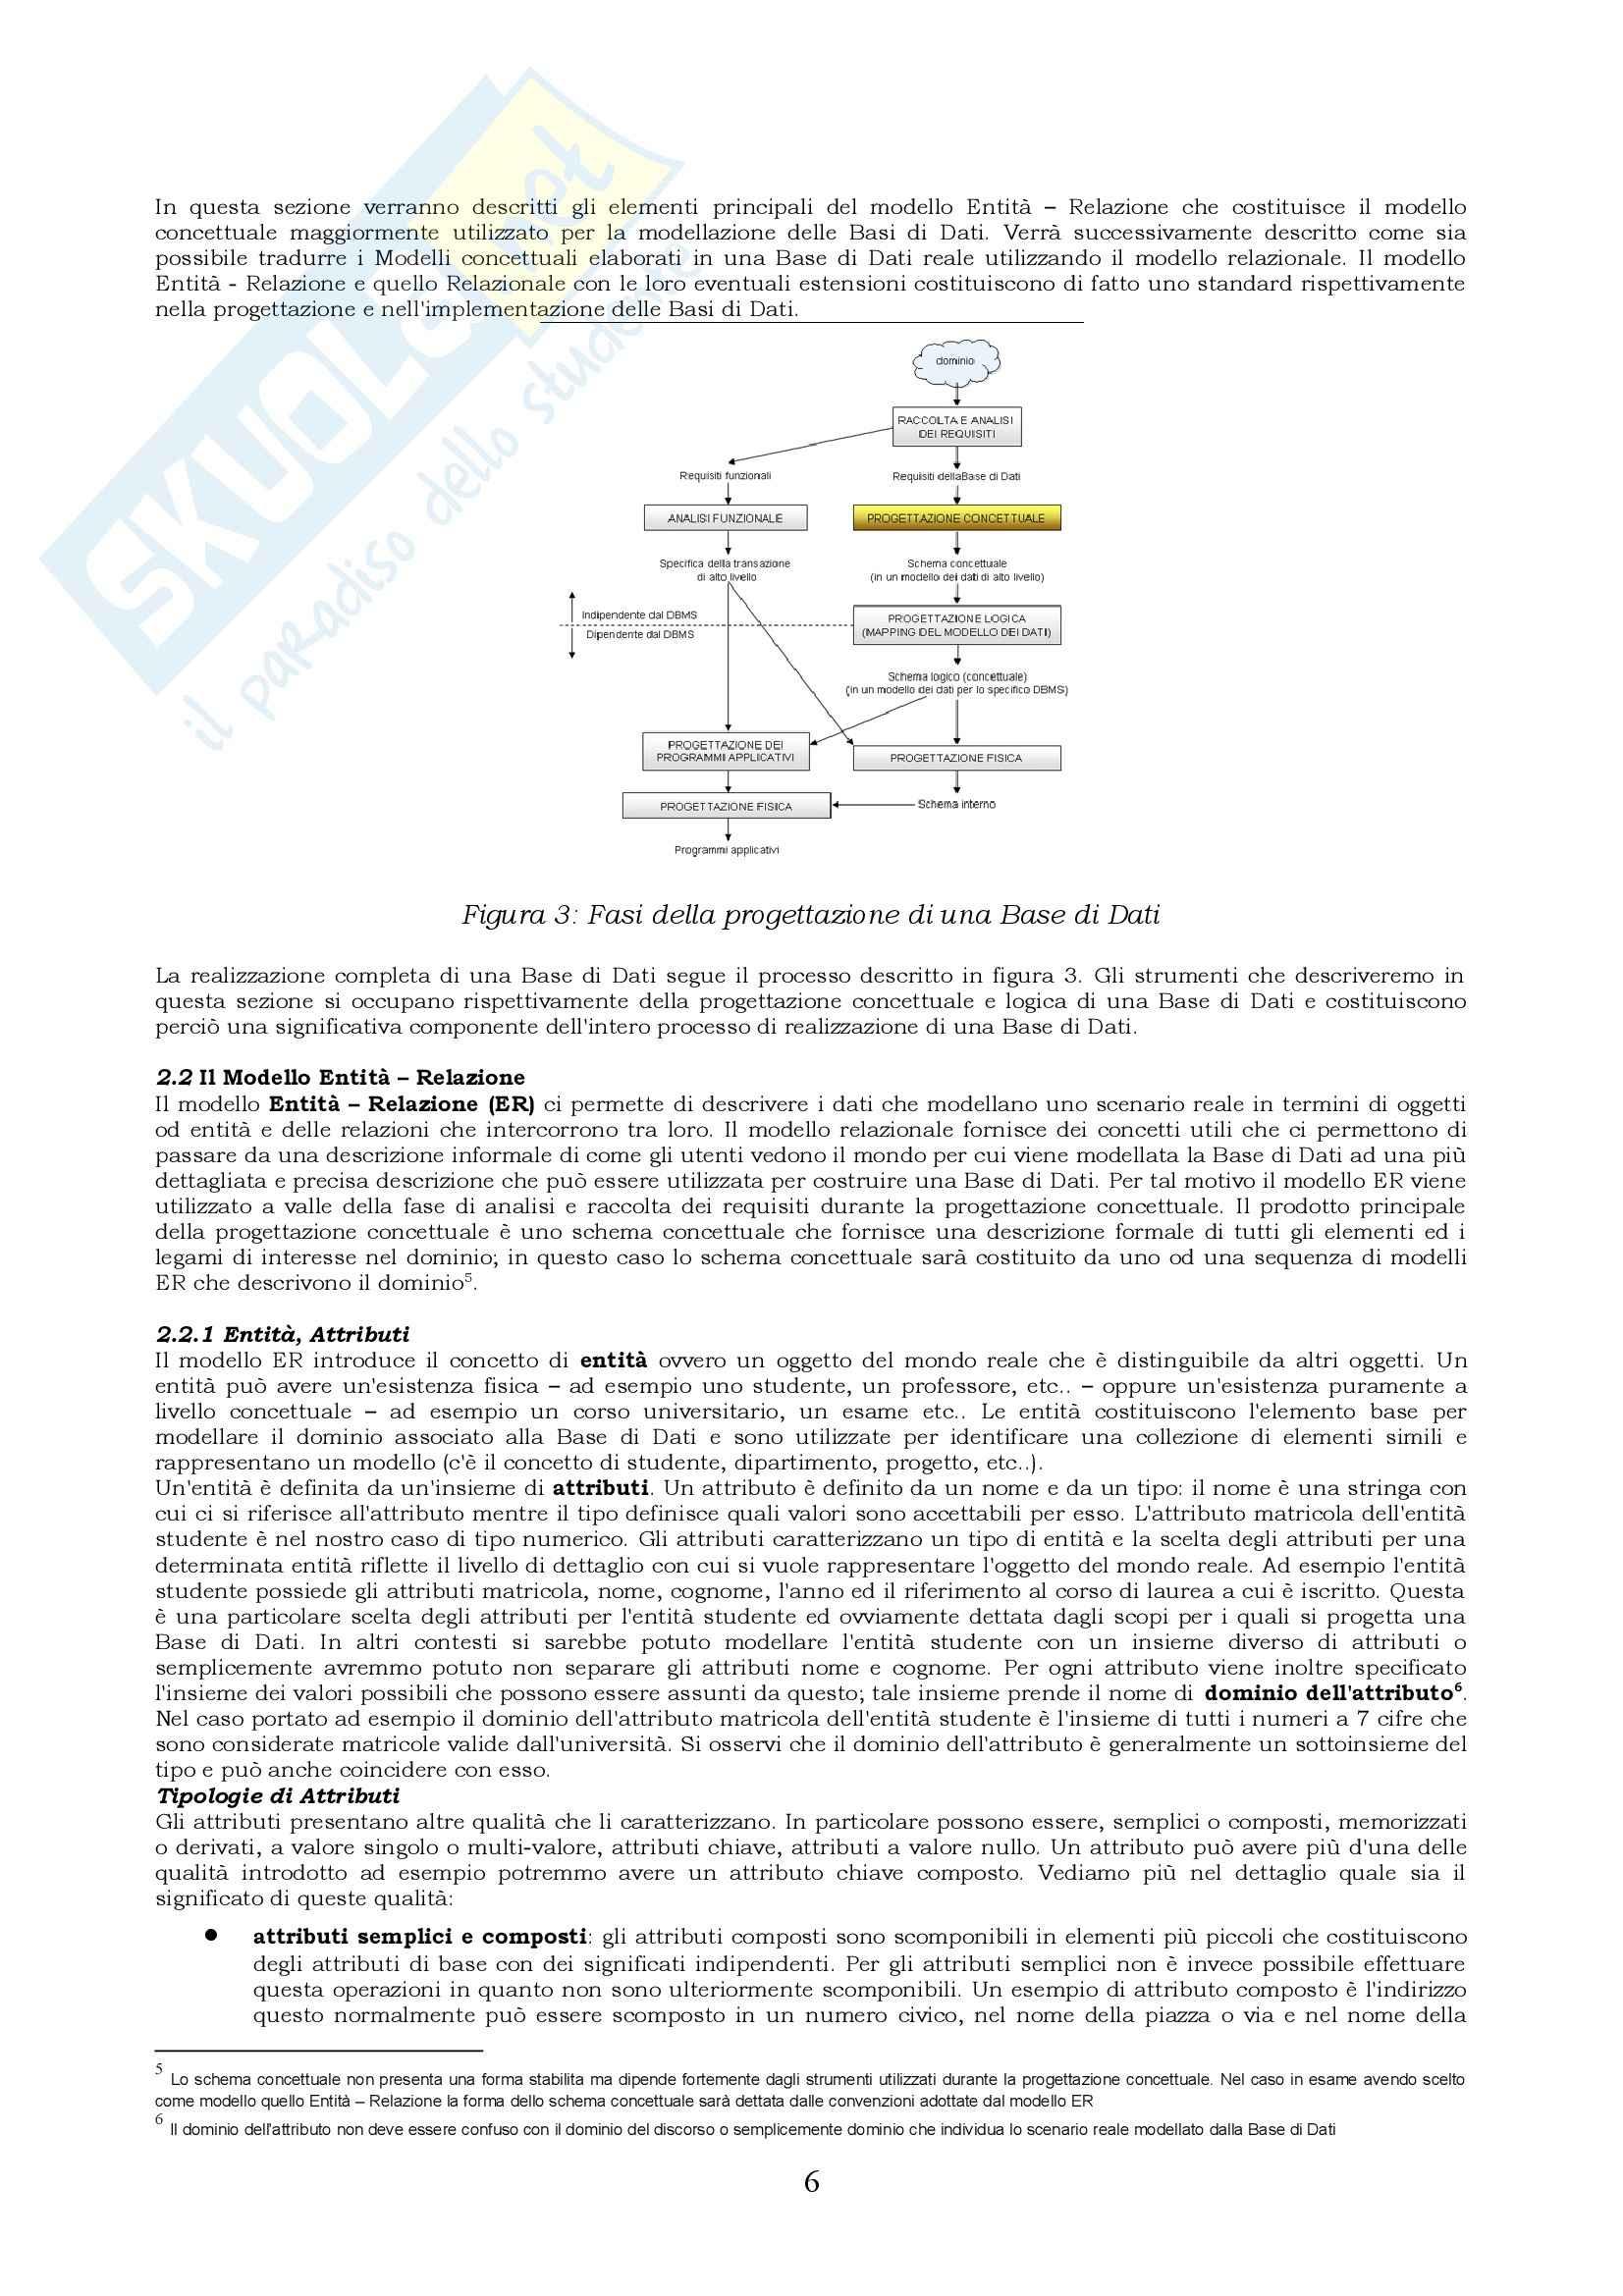 Basi di dati - Riassunto esame, prof. Coccoli Pag. 6